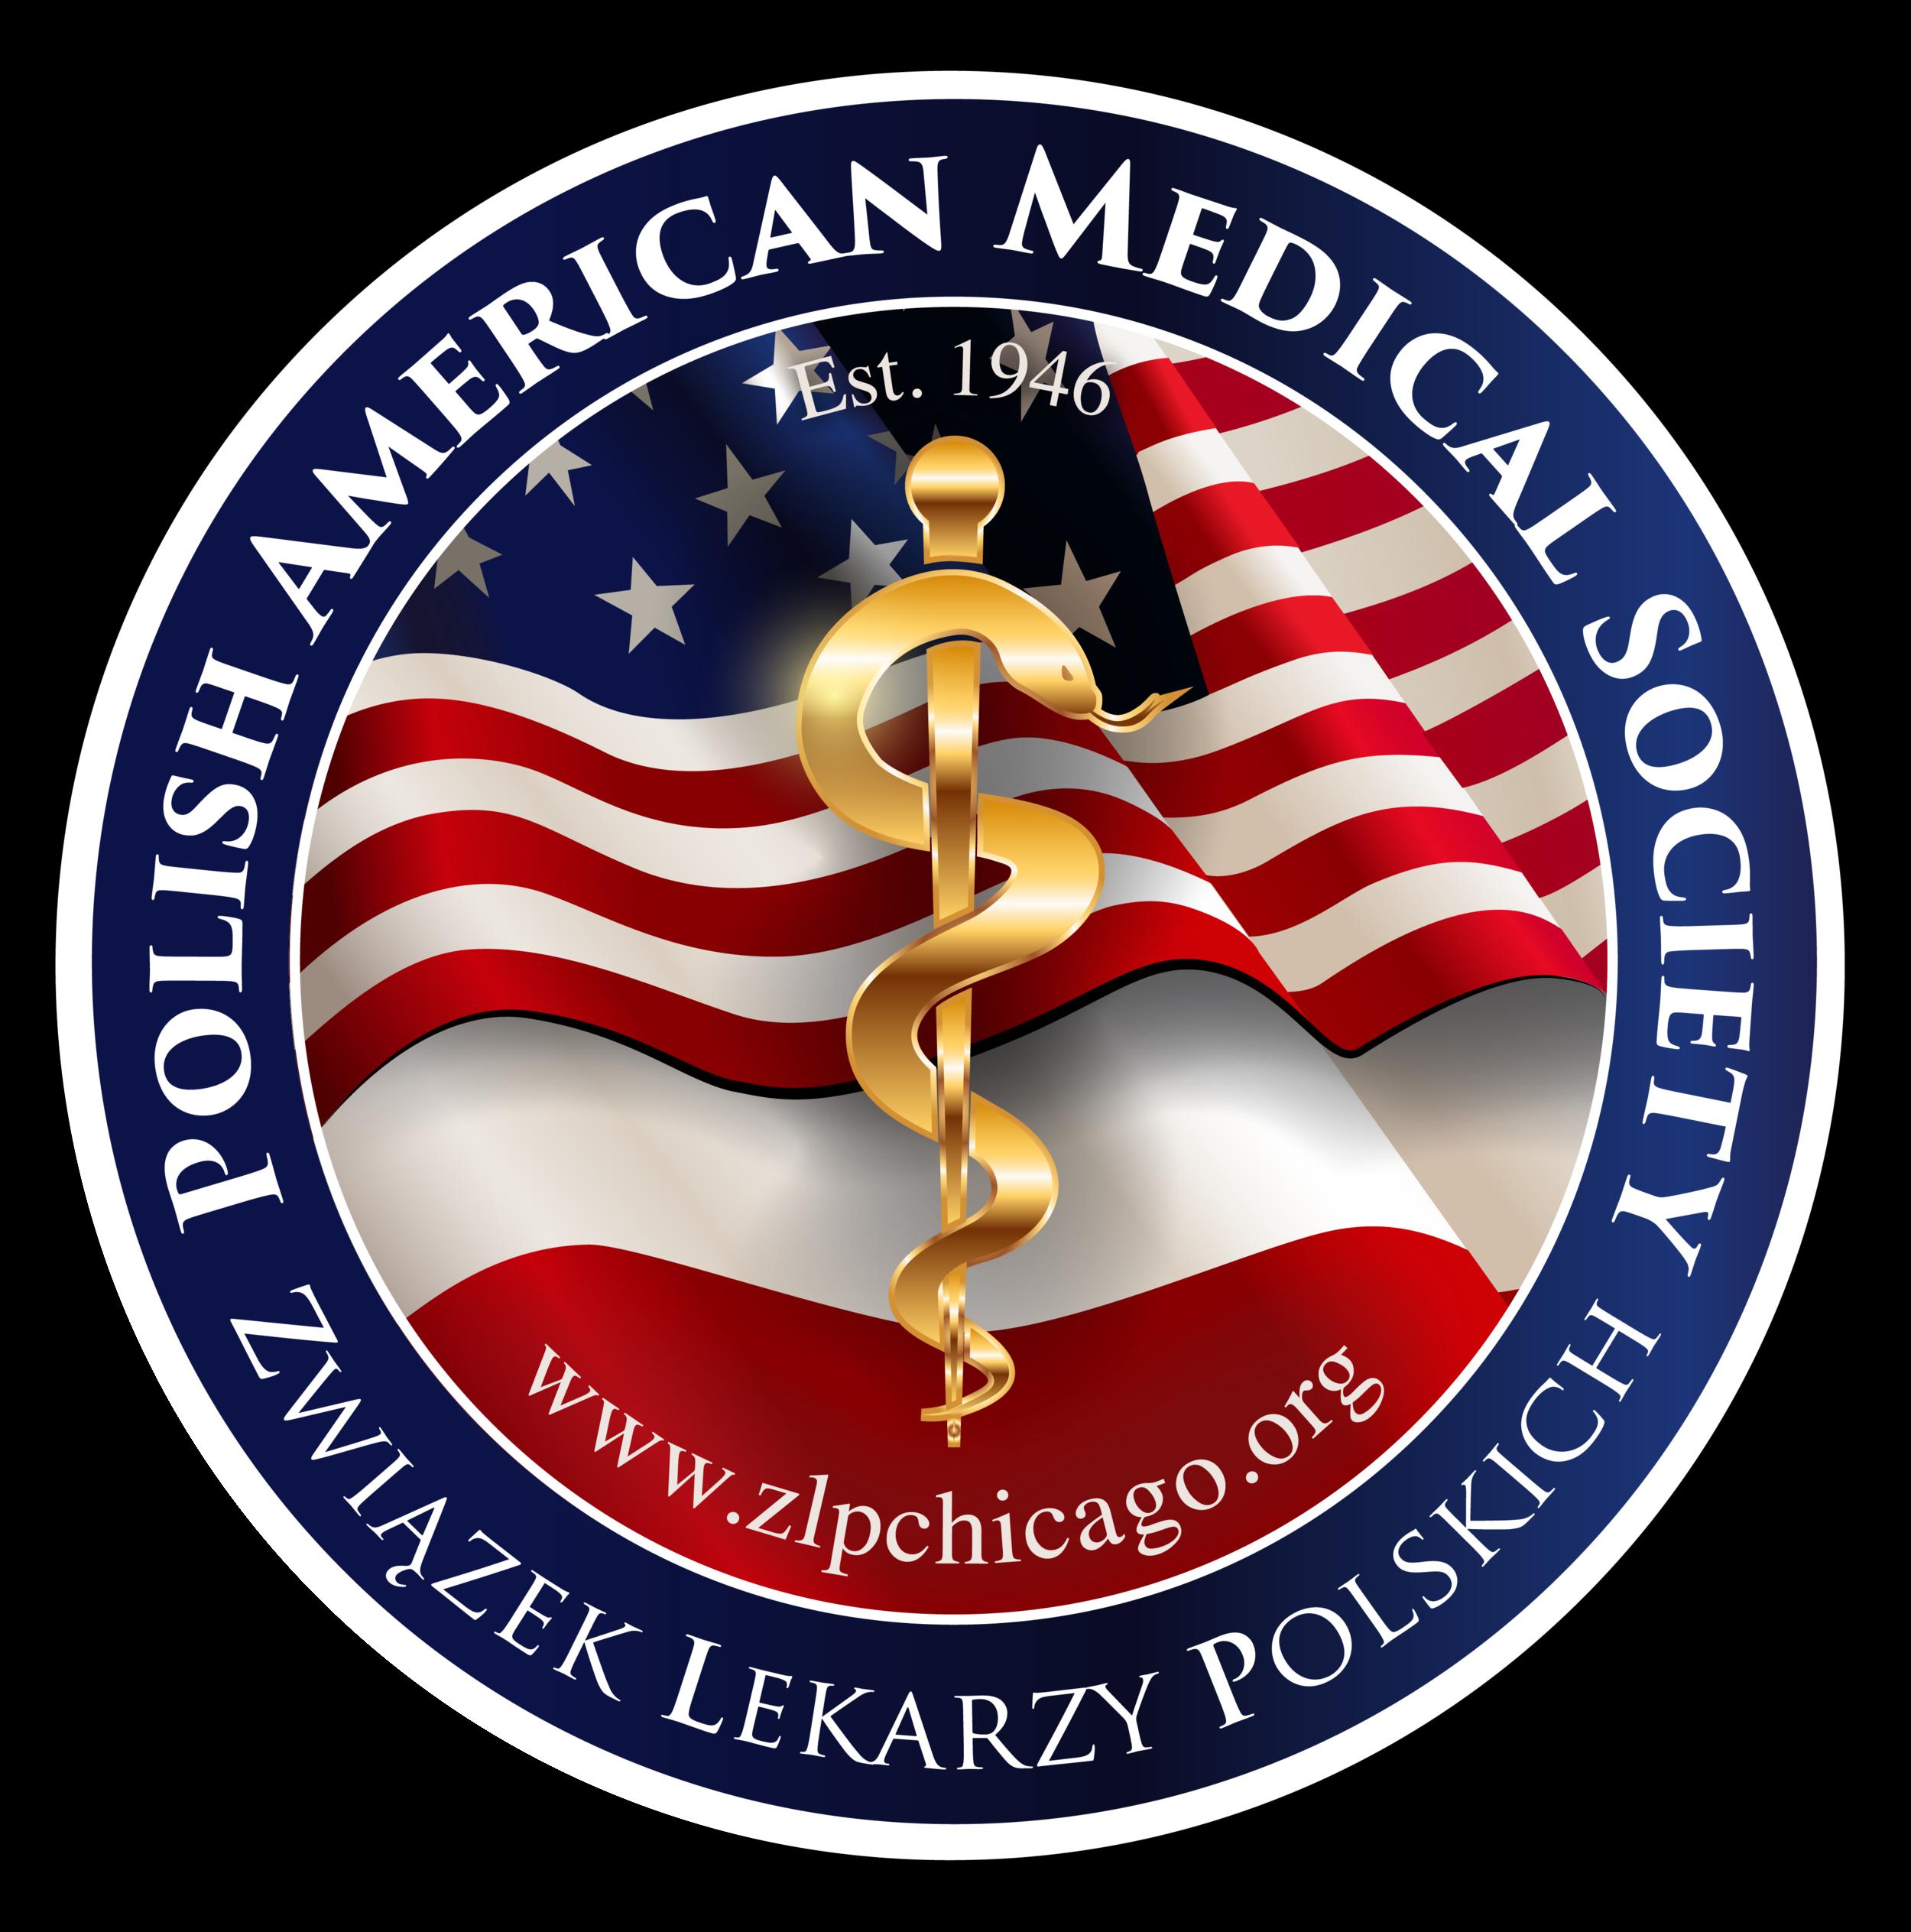 POLISH AMERICAN MEDICAL SOCIETY        ZWIAZEK LEKARZY POLSKICH